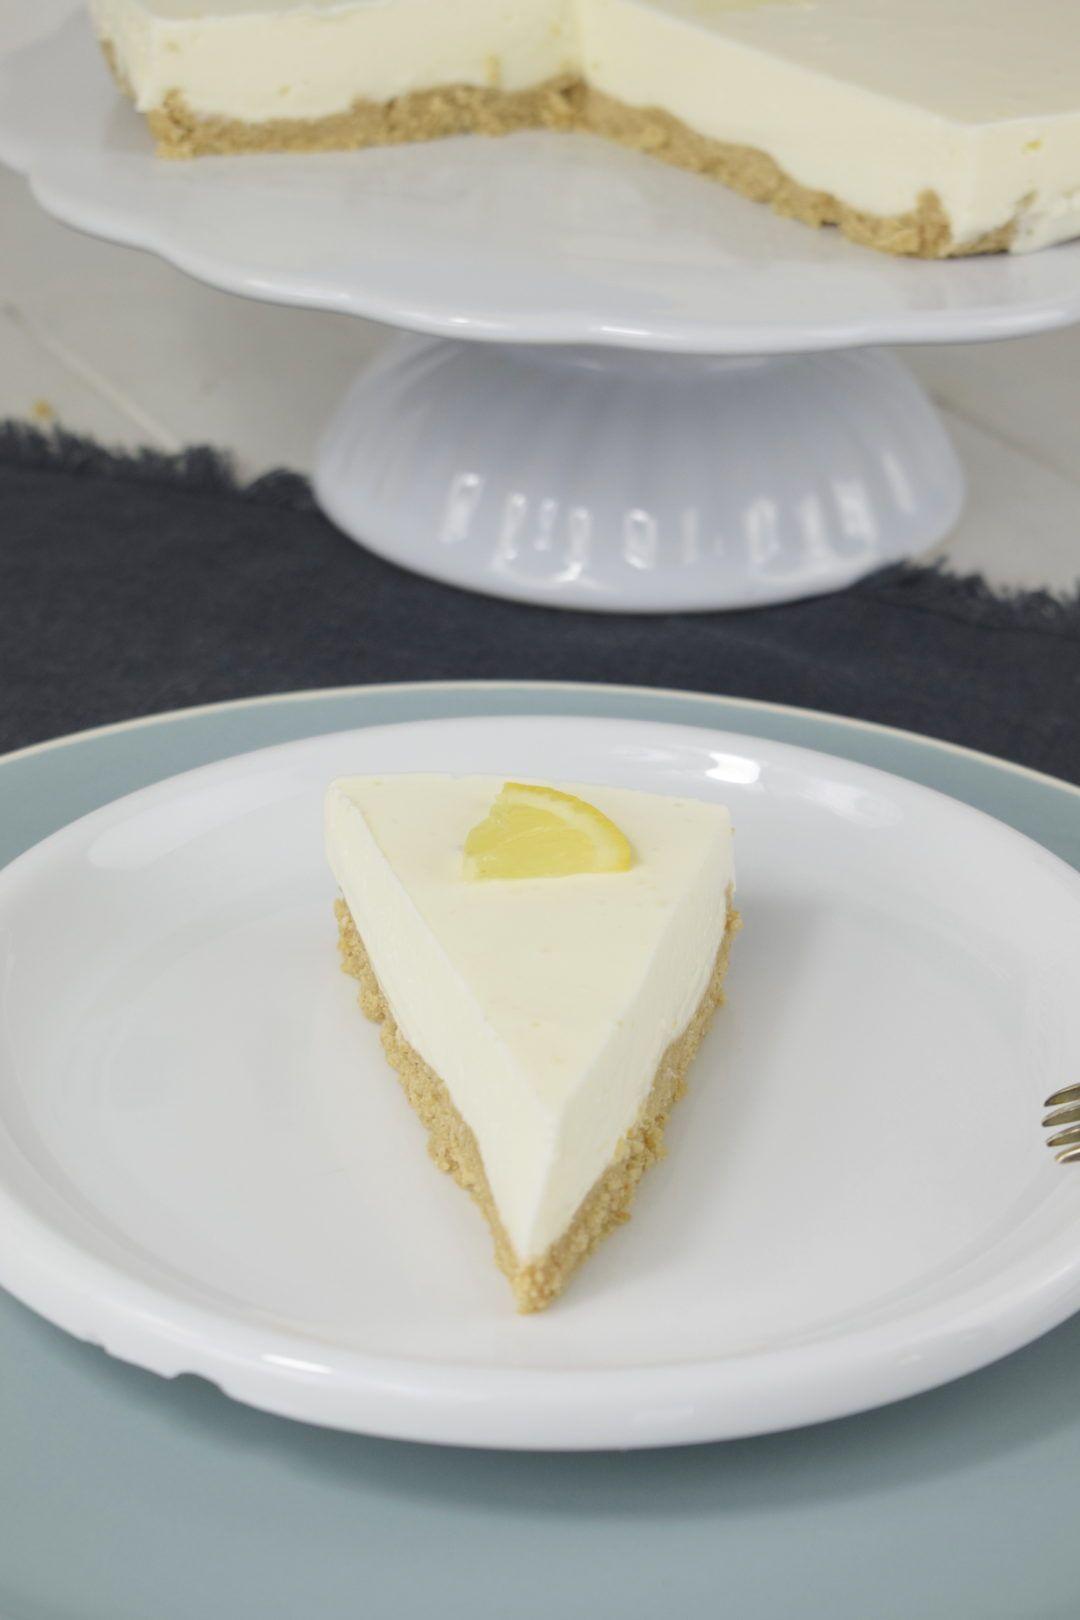 Frischkase Torte Ohne Backen Rezept Fur Den Thermomix Rezept Torte Ohne Backen Frischkase Kuchen Ohne Backen Backen